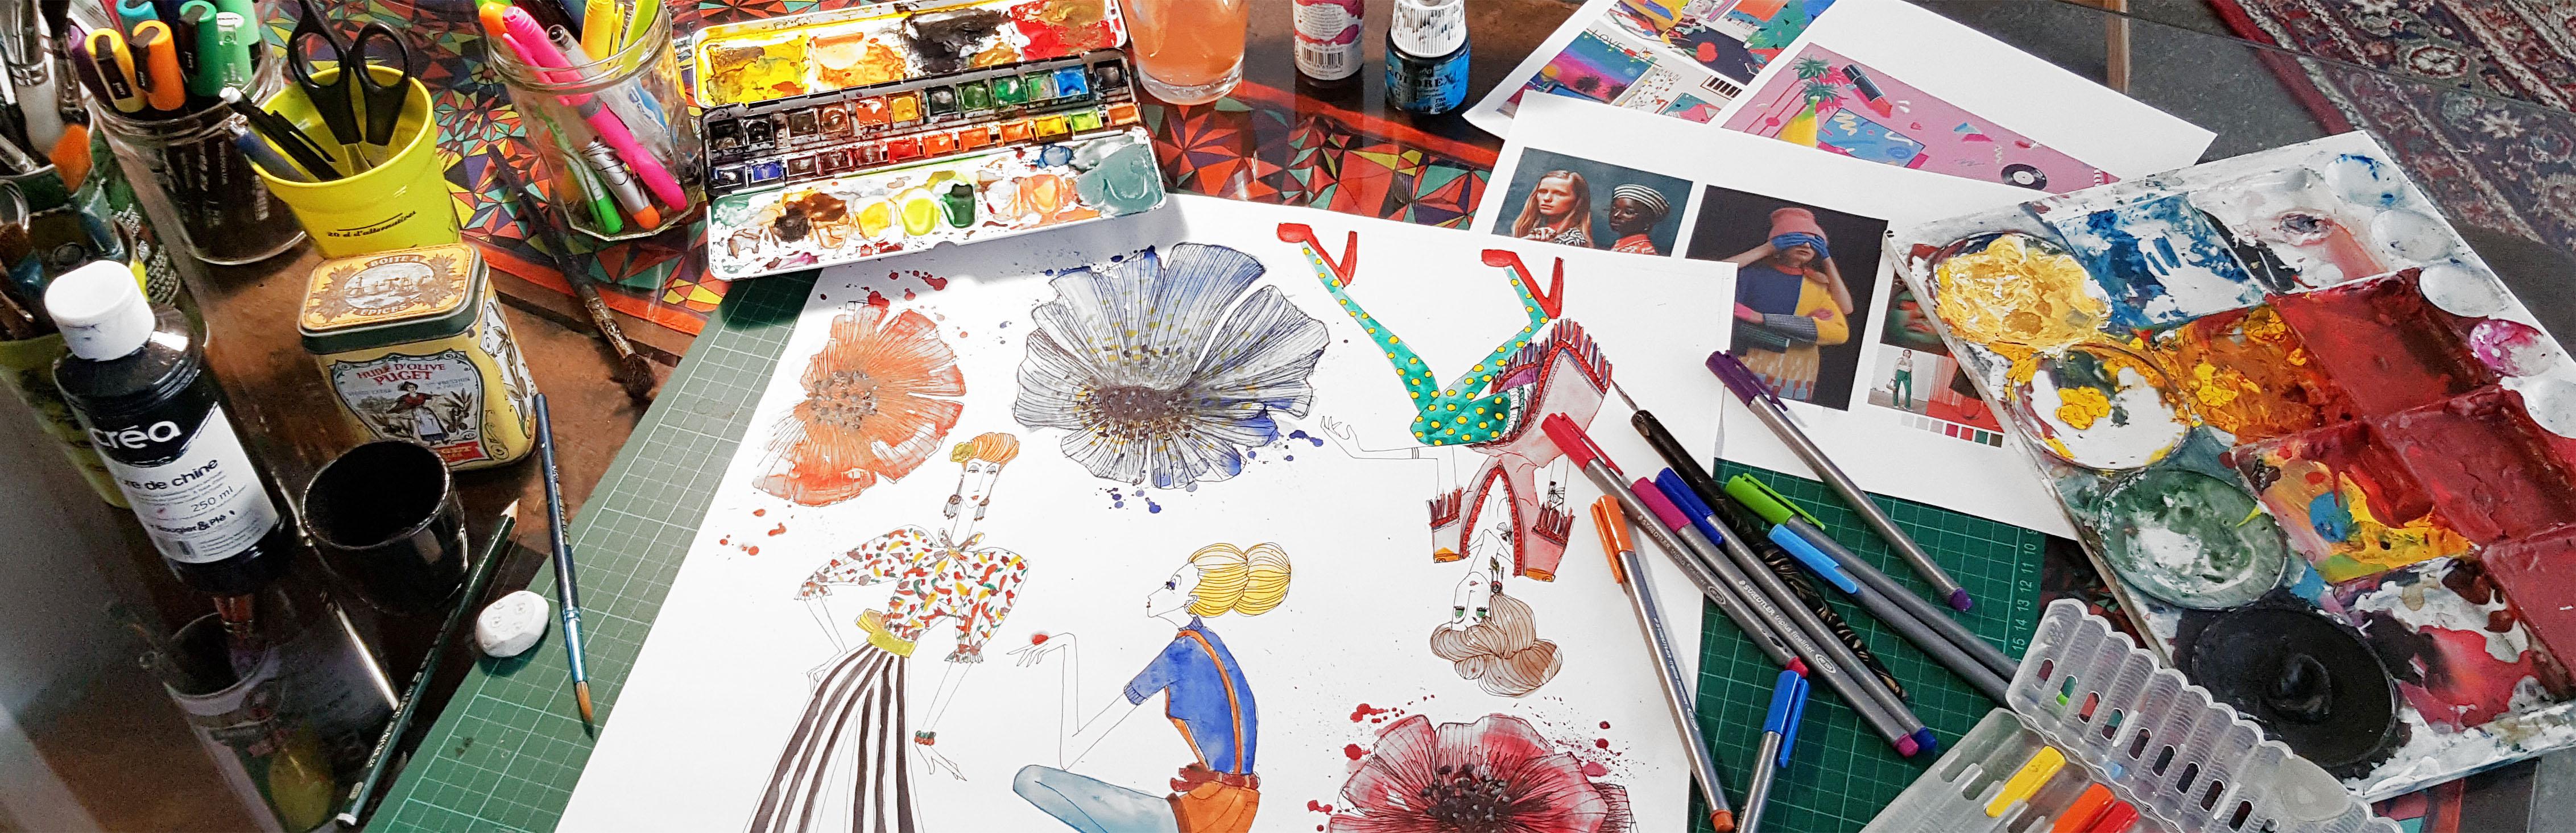 foulard lyon peinture illustration work in progress